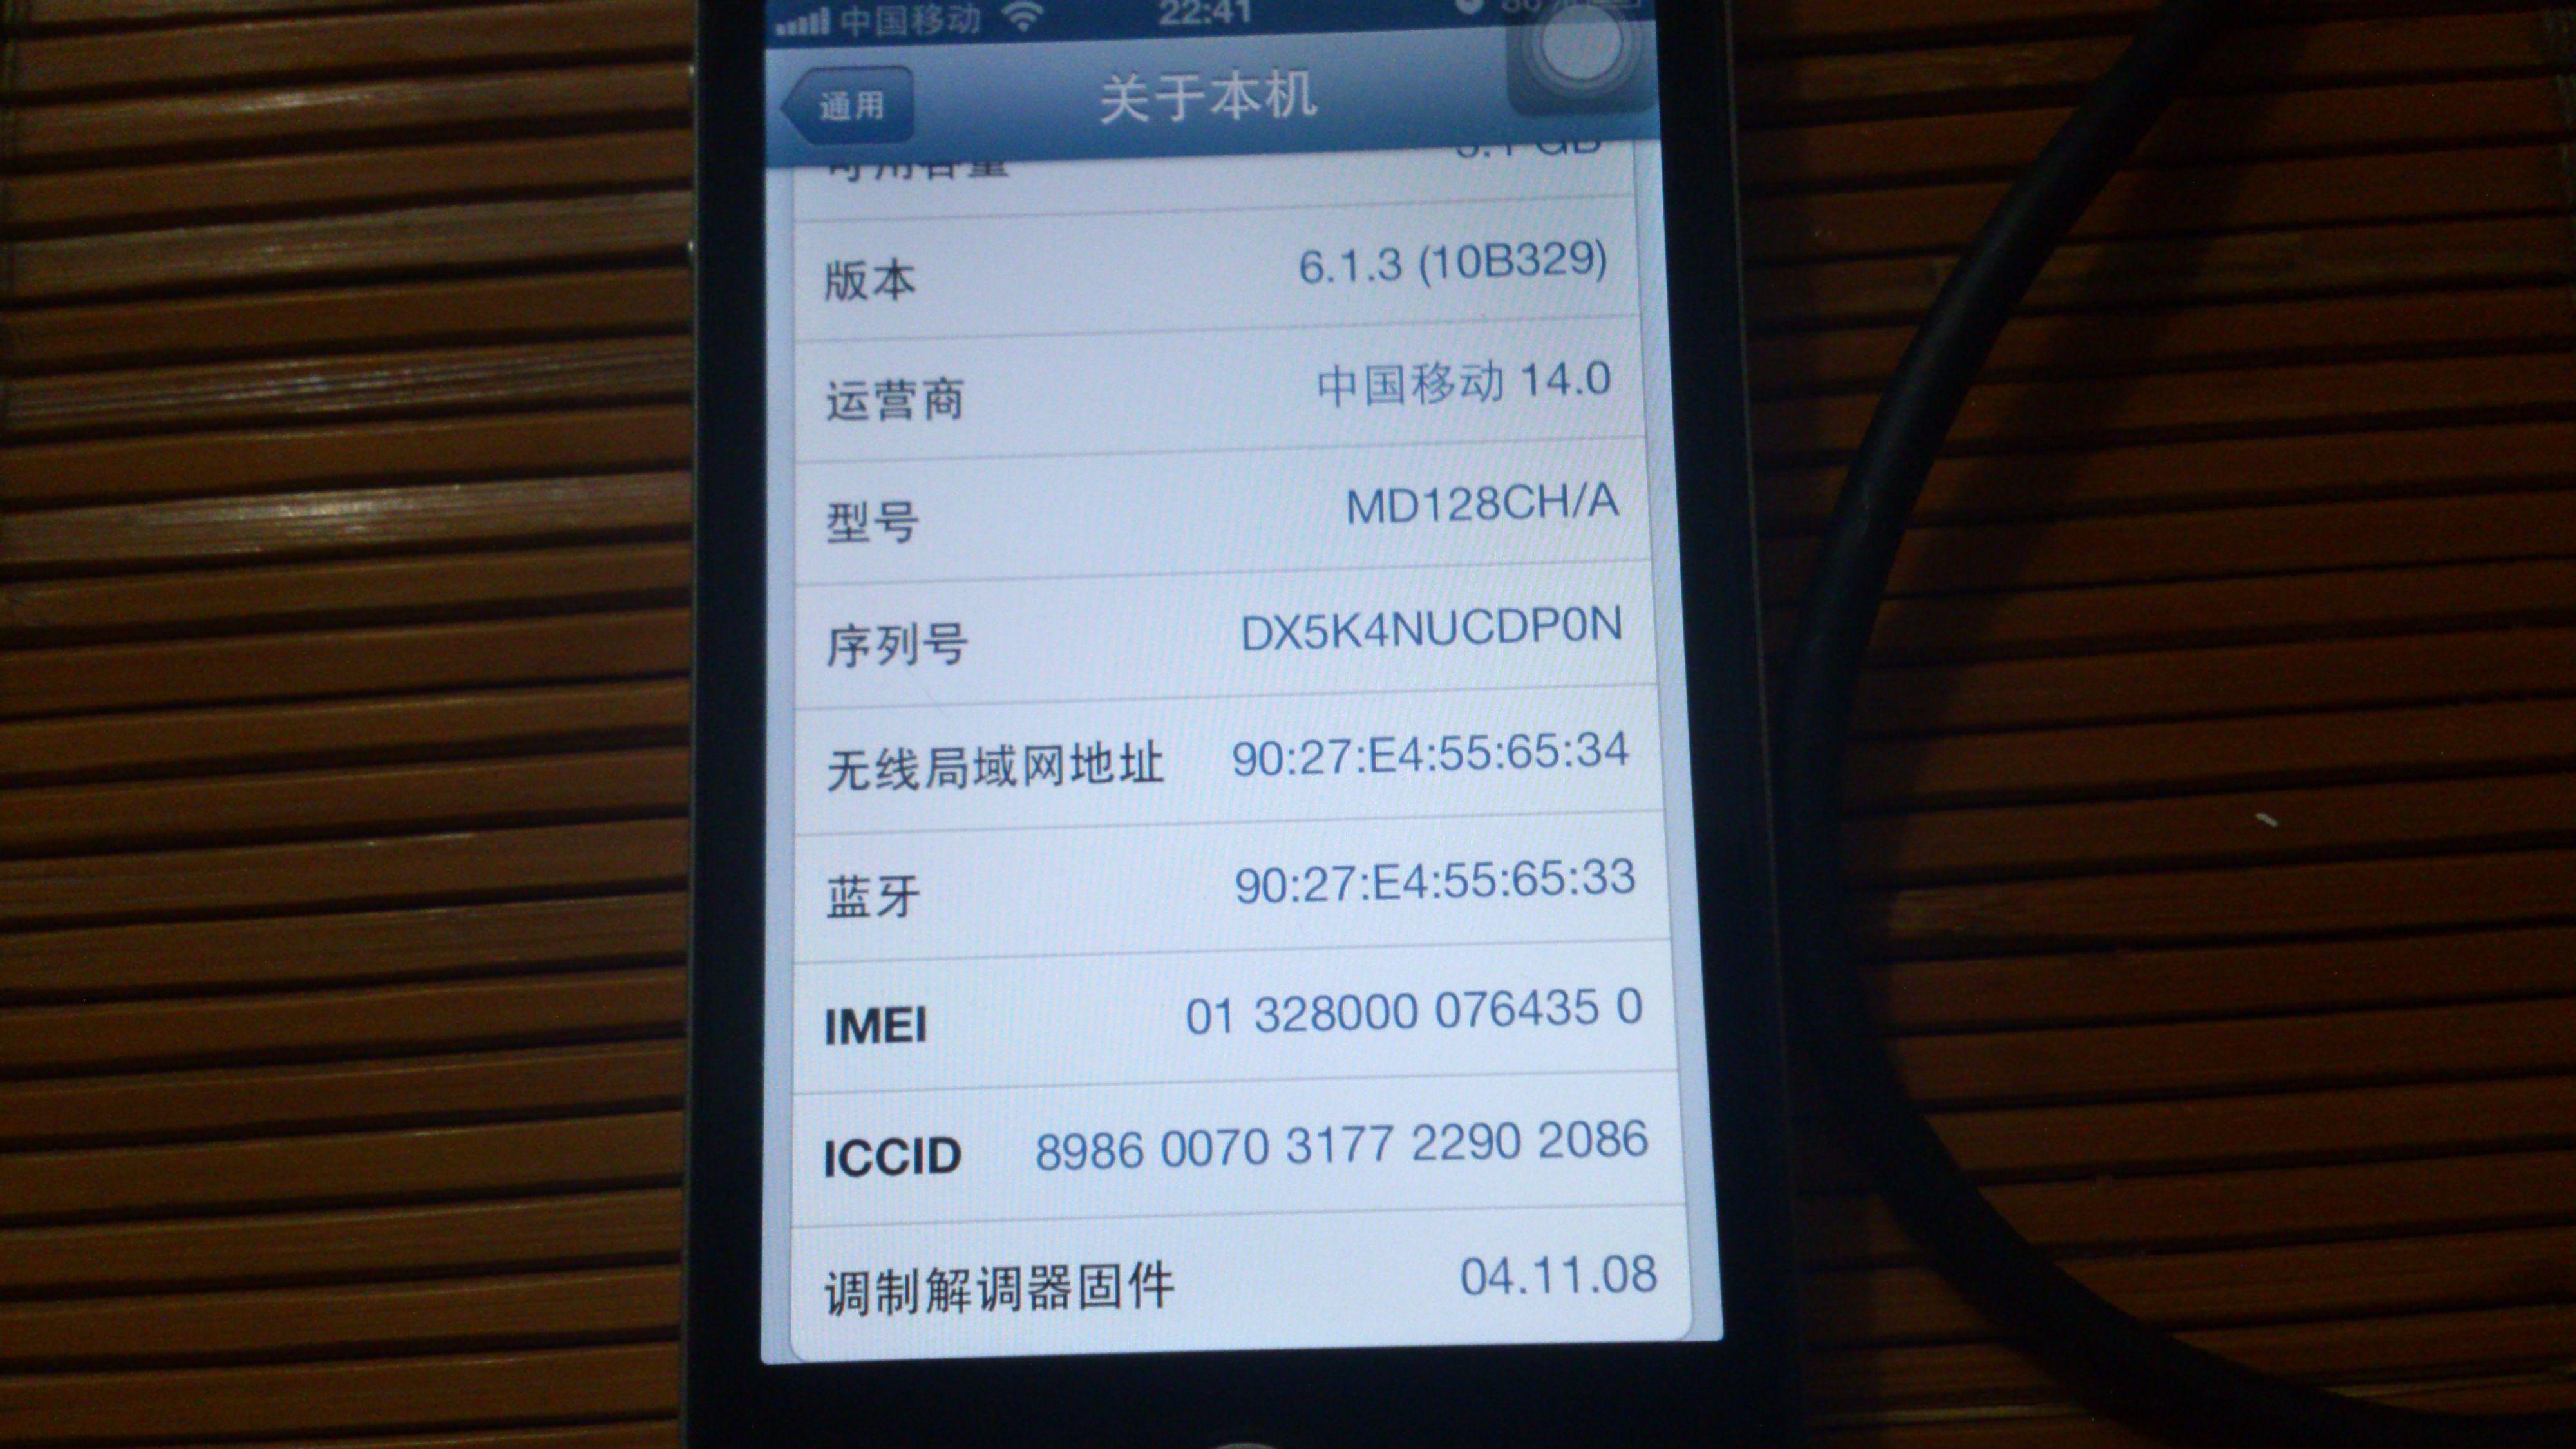 美版的苹果手机查序列号是中国郑州富士康v苹果iphone5s灰图标删不掉图片